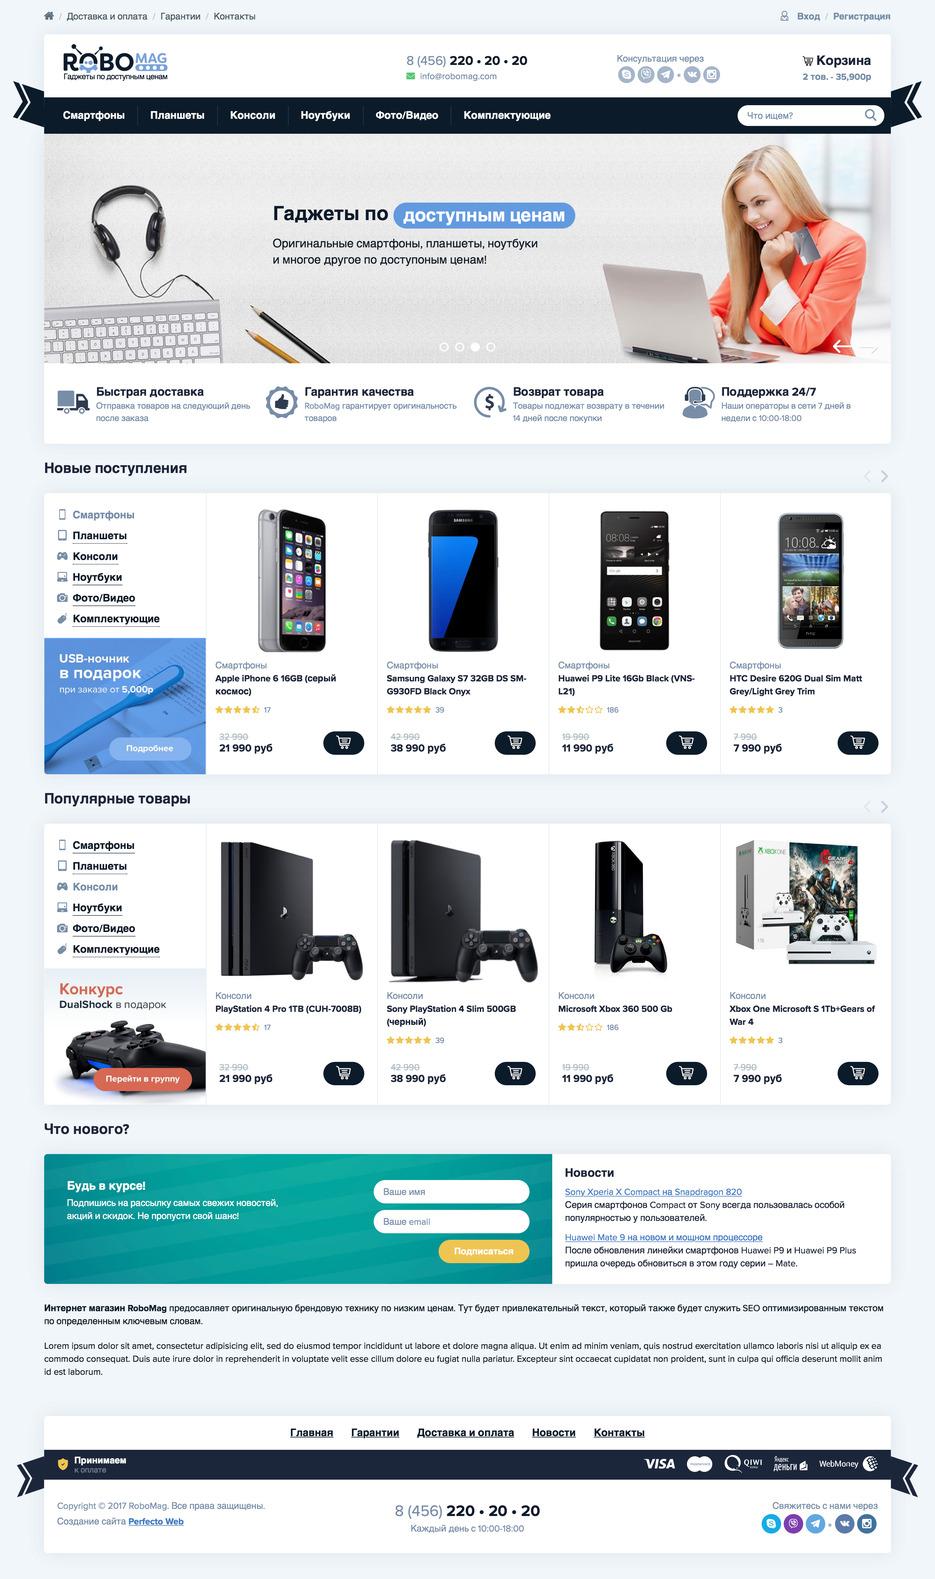 Cms сайта битрикс цена импорт бизнес процесса битрикс24